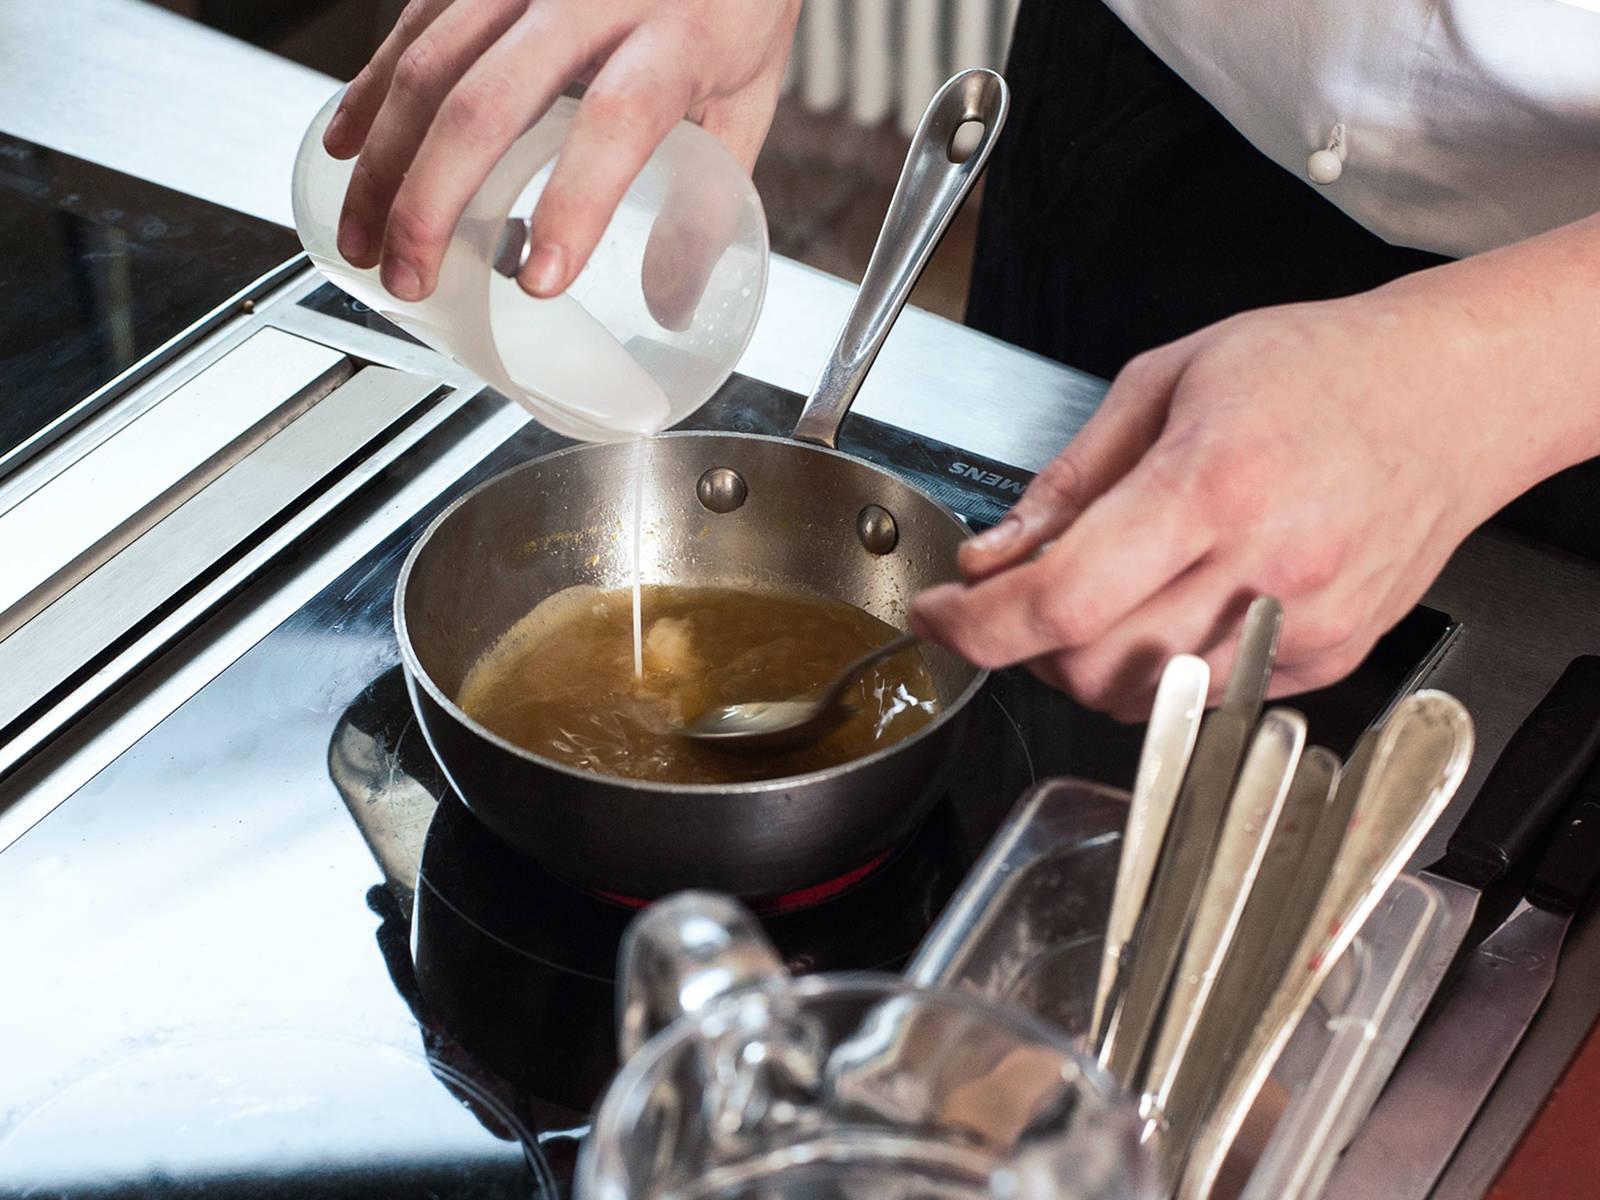 Restlichen braunen Zucker mit dem Limetten-Olivenöl in einem Topf bei mittlerer Hitze karamellisieren. Mit Orangensaft und dem frisch gepressten Zitrussaft ablöschen und köchelnd auf die Hälfte der Menge reduzieren; mit der vorher angerührten Speisestärke andicken. Vom Herd nehmen. Zitrusabrieb und Zitrusfilets unterrühren und mit Salz und Honig abschmecken.